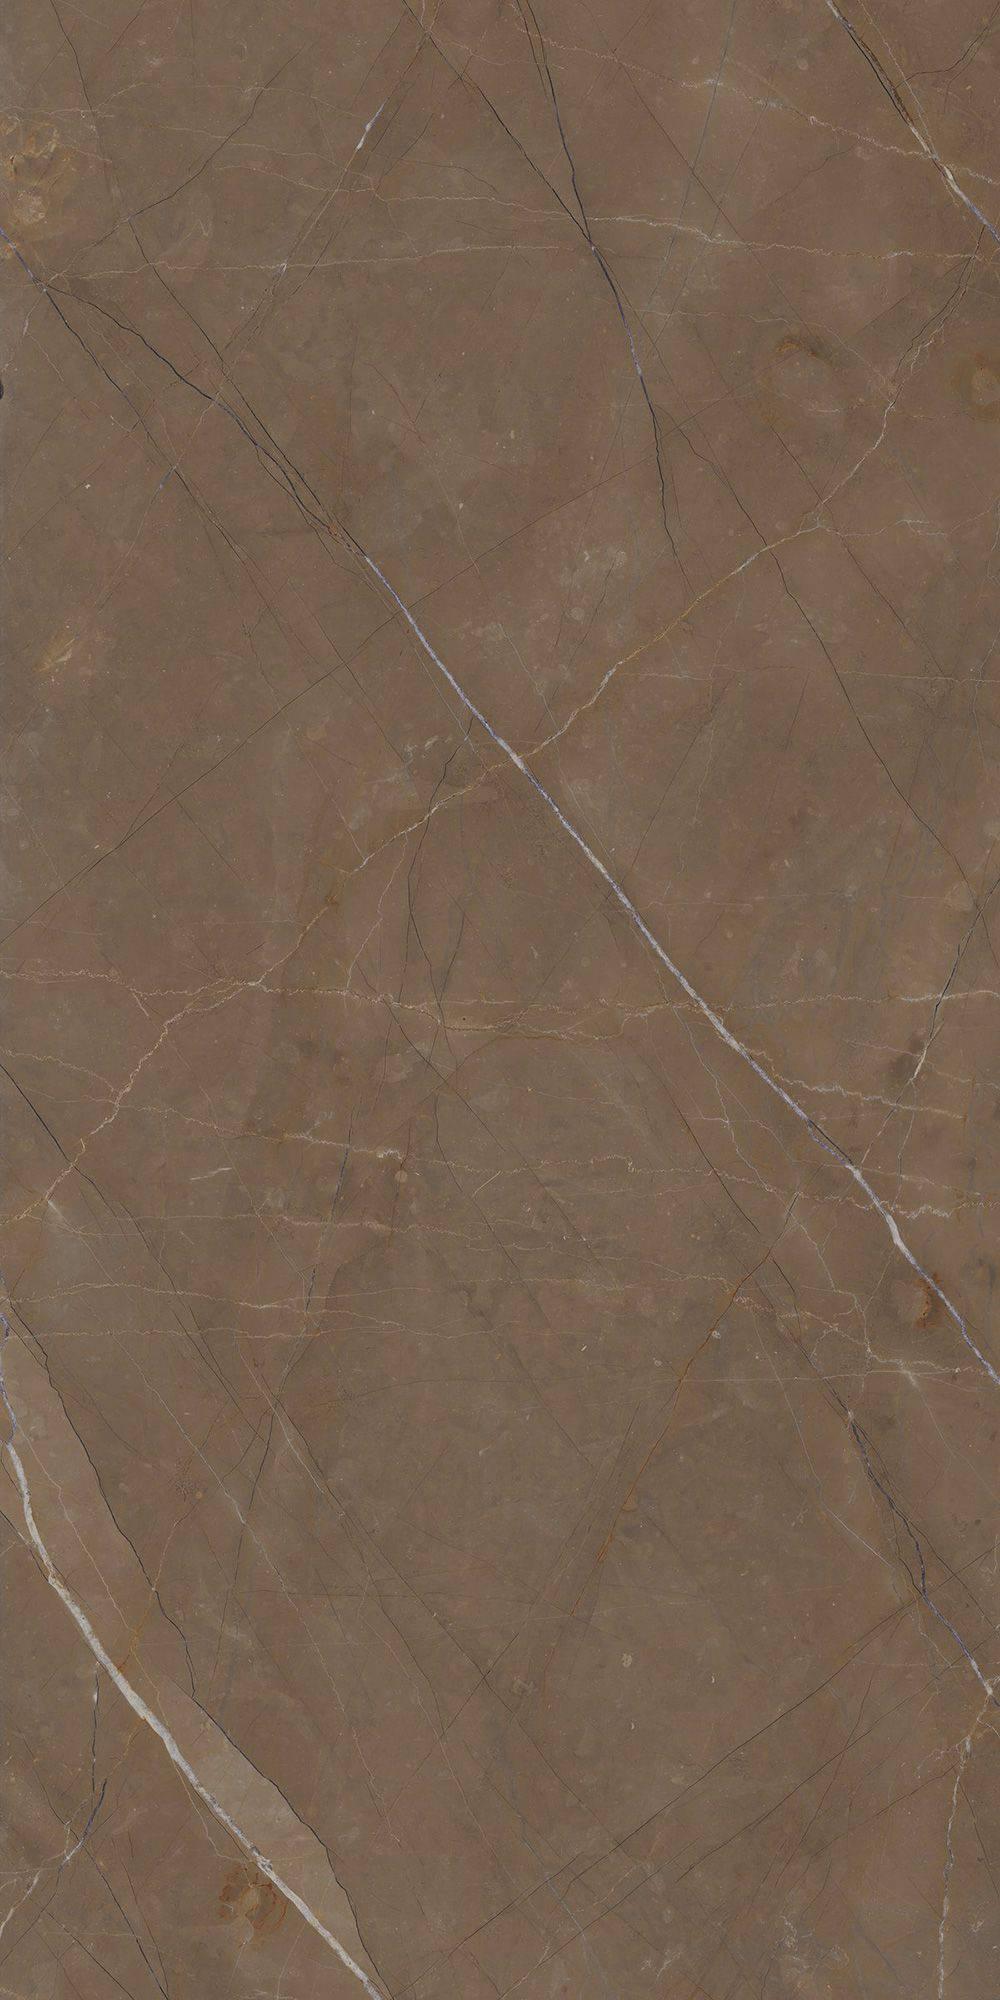 Glam bronze Marble lab bronze marblegranite effect